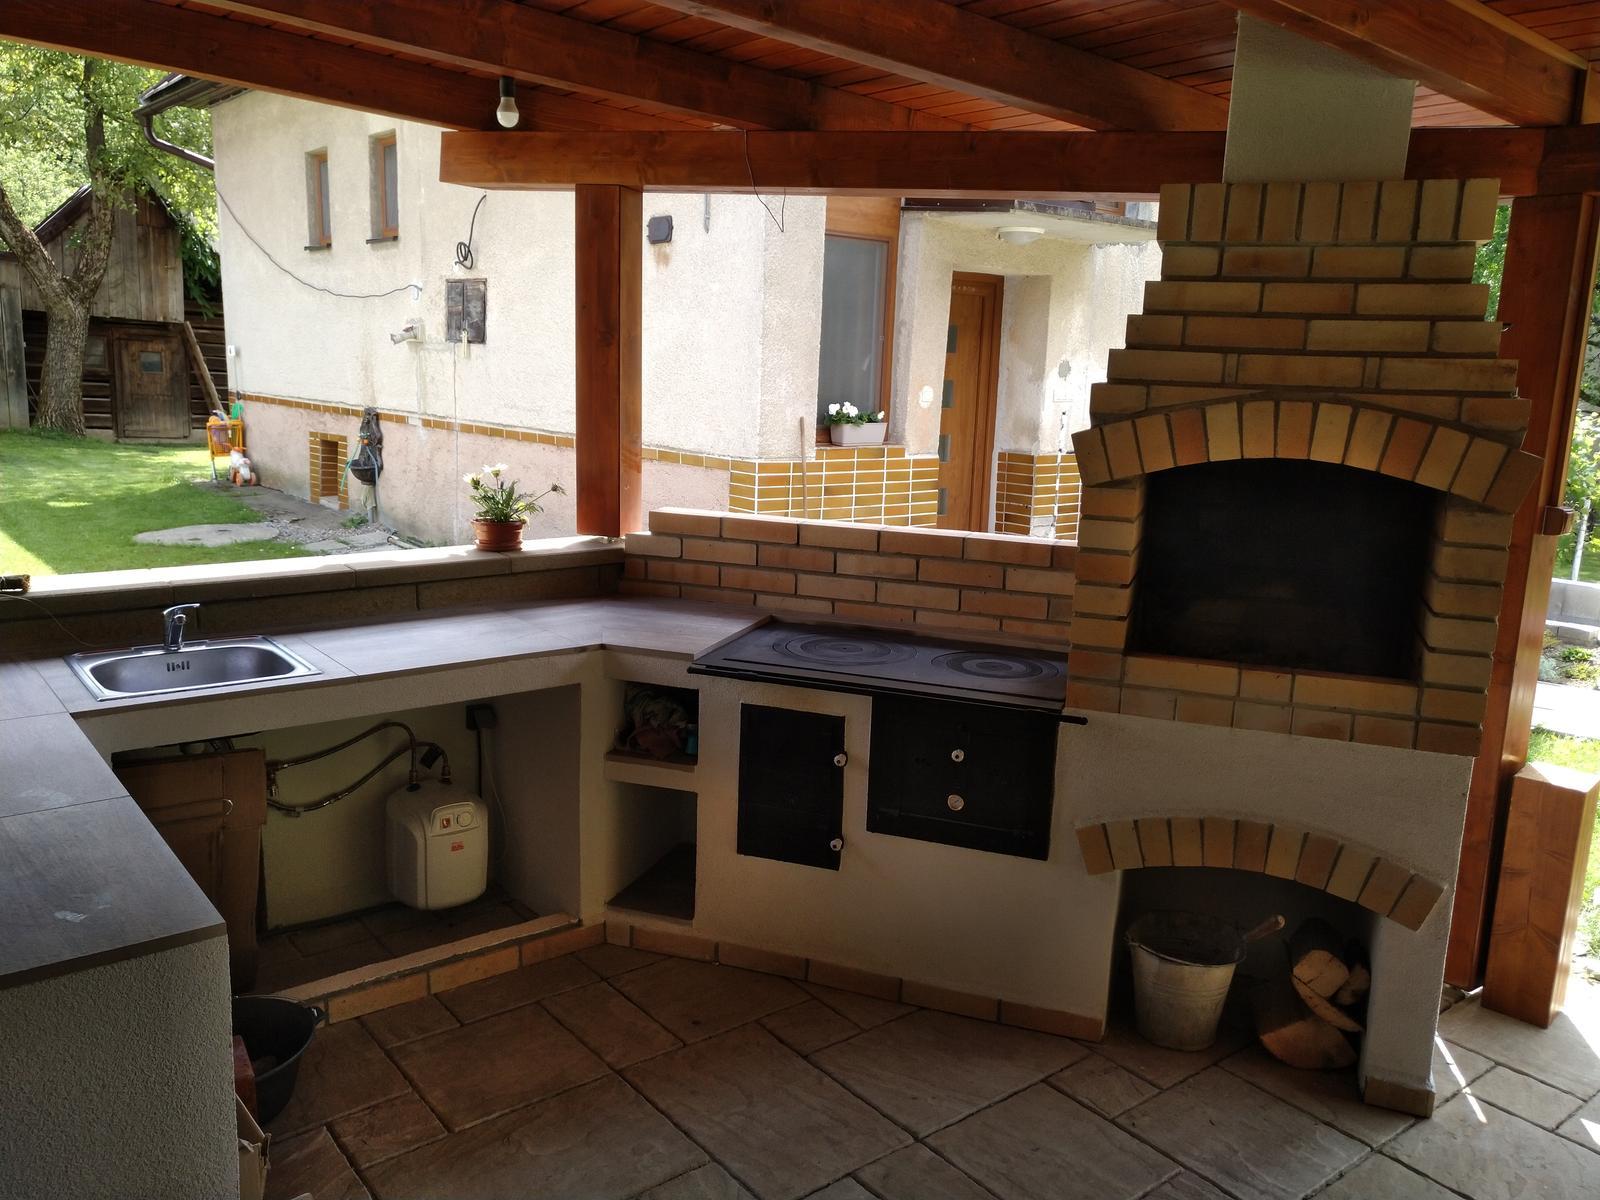 Máte aj vy svoju záhradnú kuchyňu ? - Záhradná kuchyňa-odkladacia plocha,prípravná zóna, drez, sporák s možnosťou vloženia kotlíka, rúra na pečenie, gril/ohnisko,realizácia Štiavnik